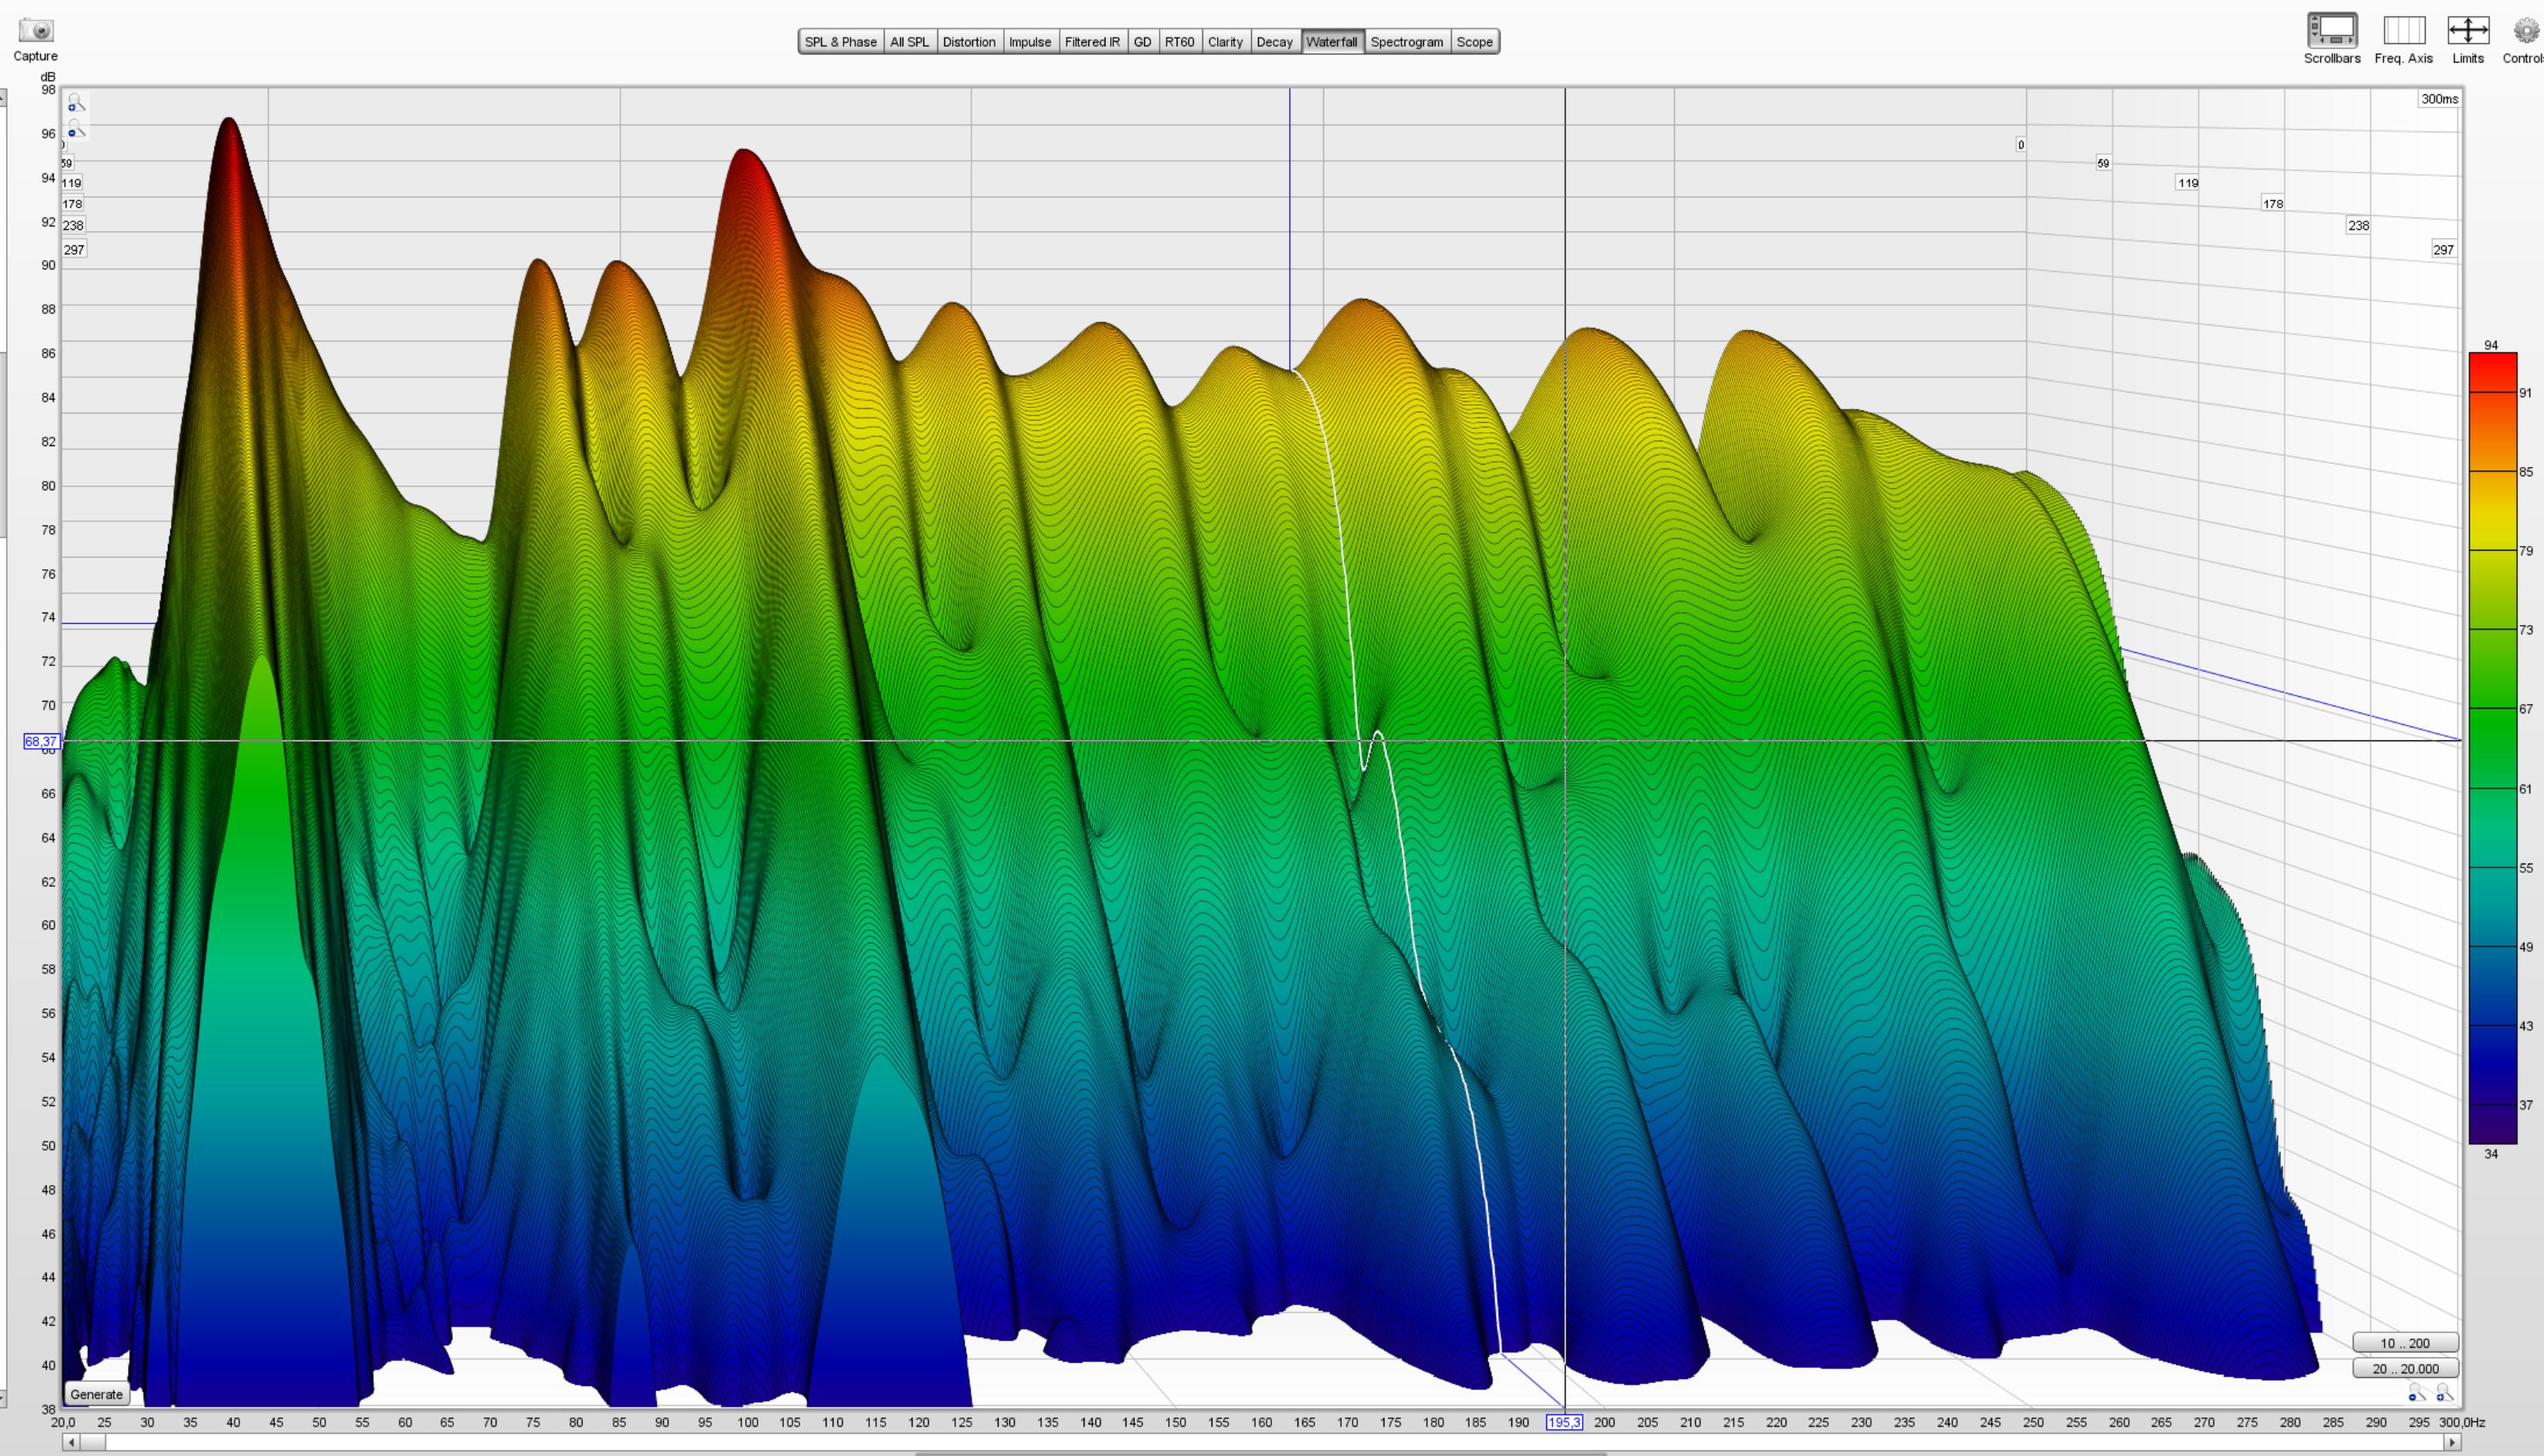 Wasserfall_erste_Messung.png